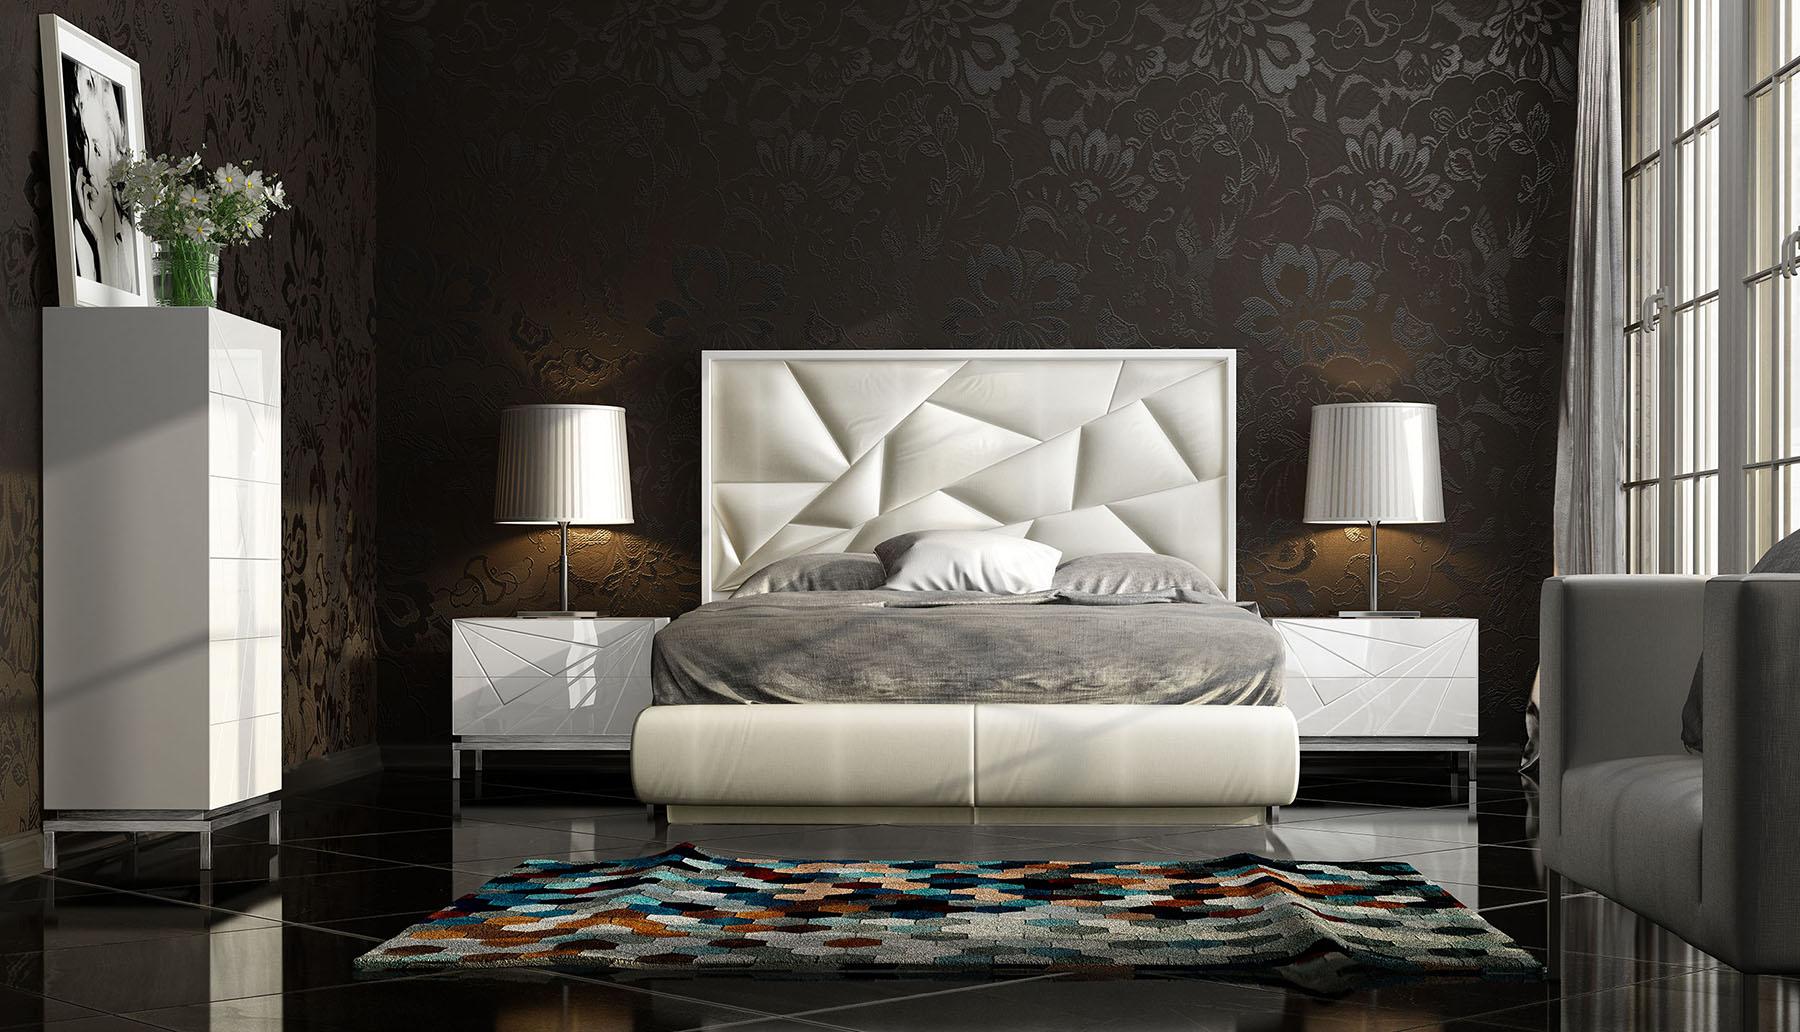 Dormitorios_Contempóraneos_(3)